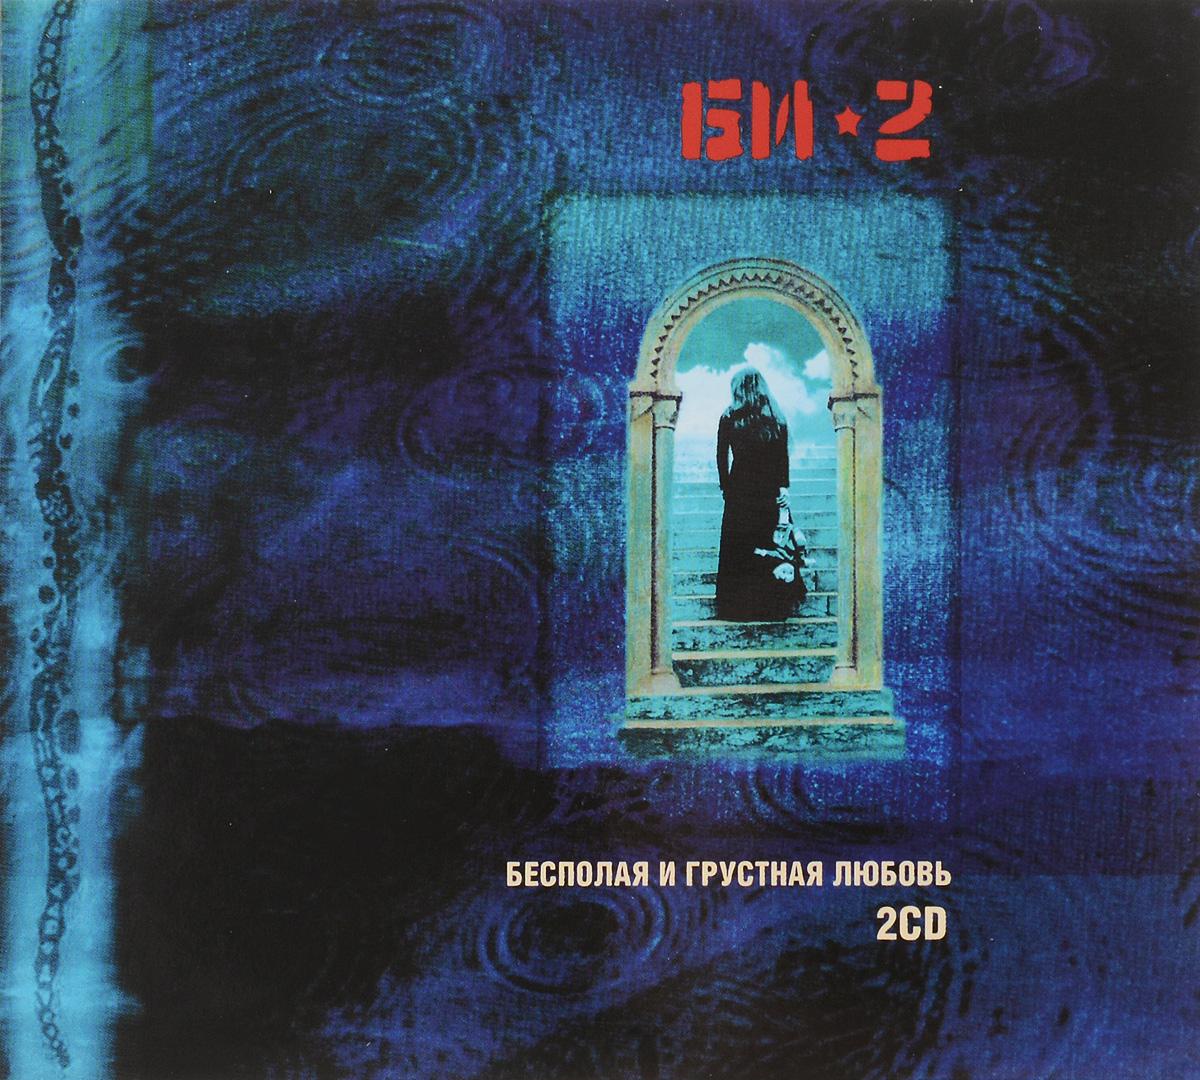 Би-2 Би-2. Бесполая и грустная любовь (2 CD) би 2 би 2 горизонт событий 2 cd